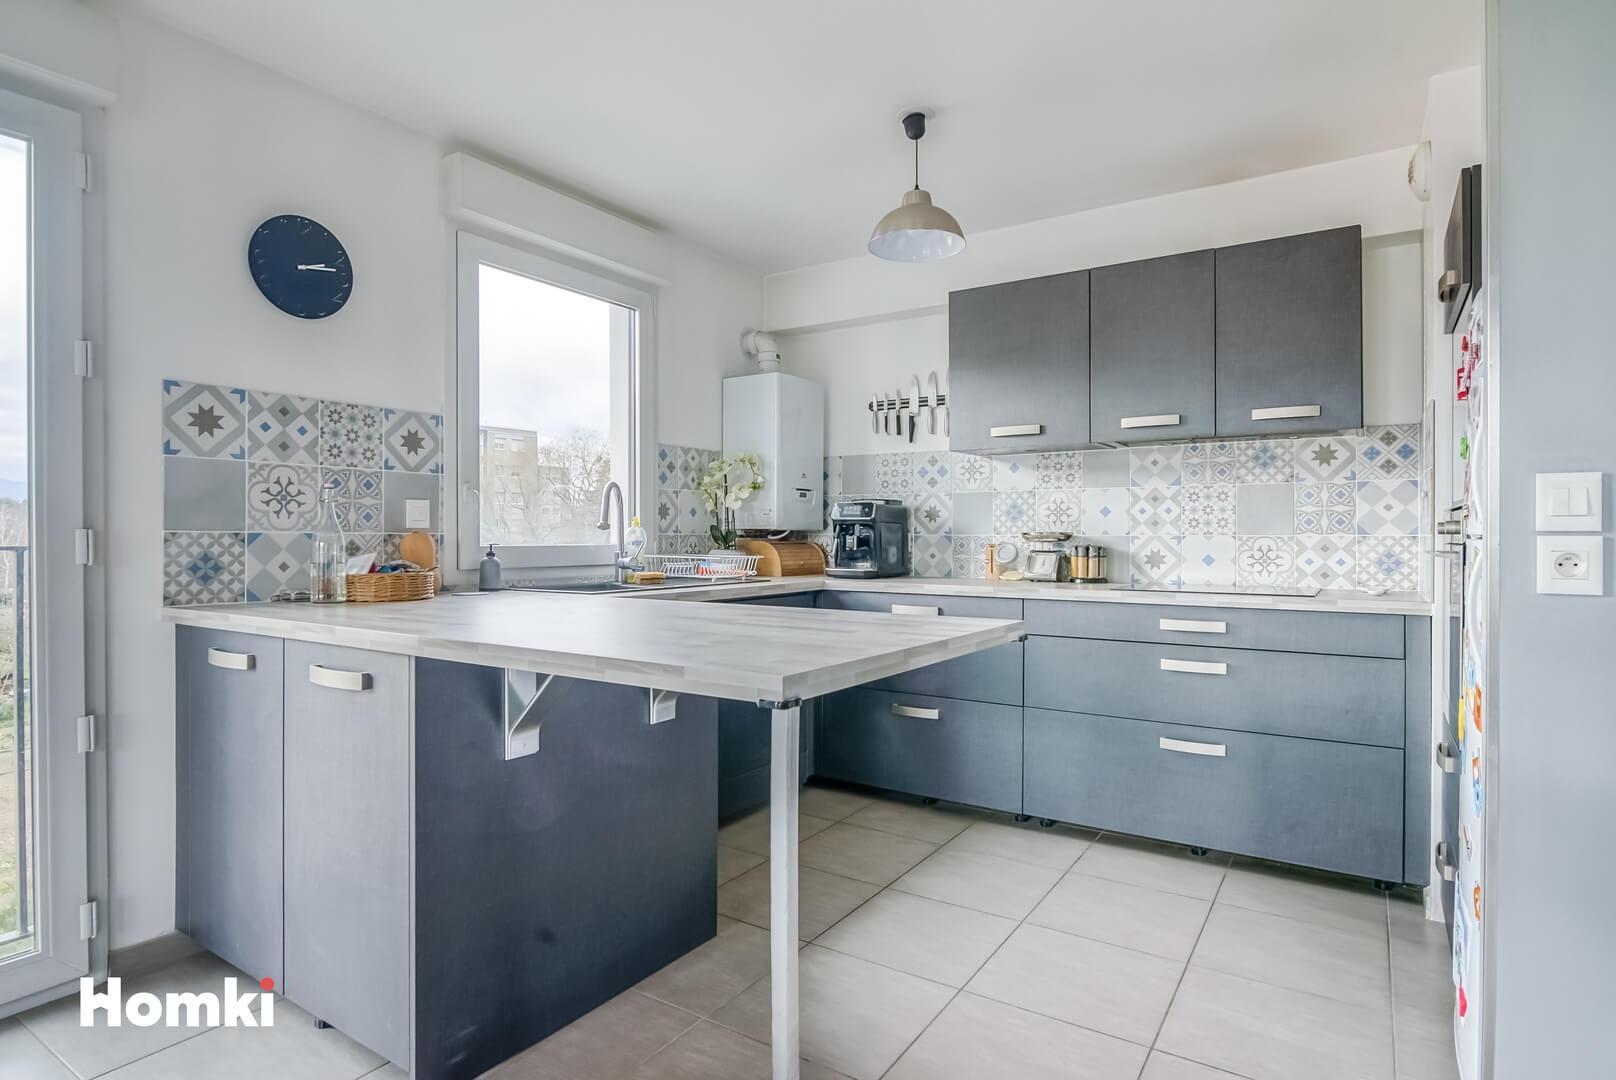 Homki - Vente Appartement  de 96.0 m² à Francheville 69340